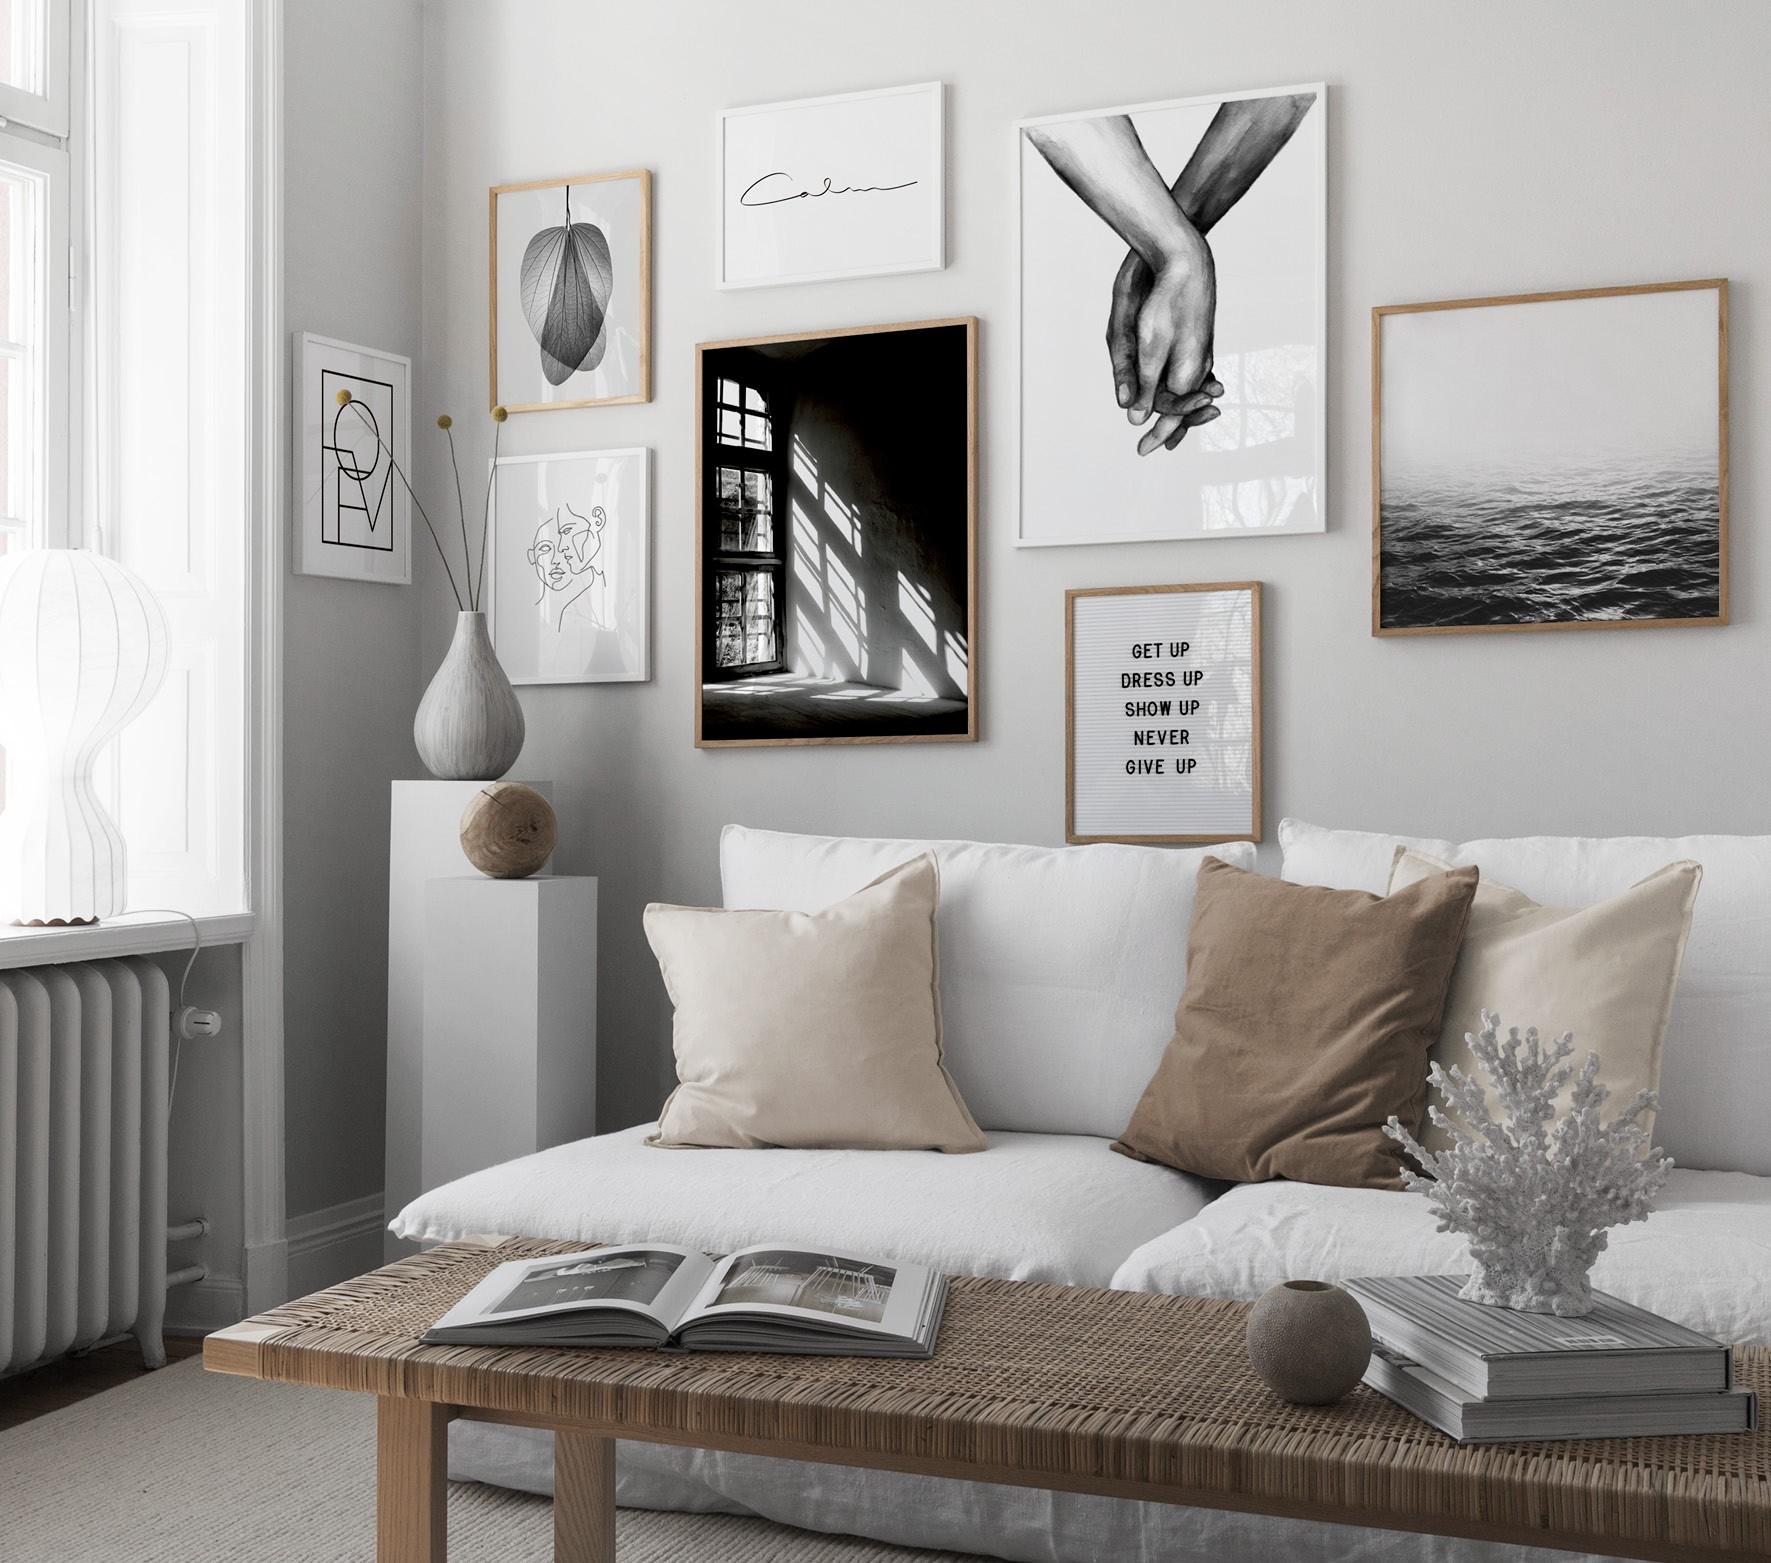 Inred minimalistiskt med beigea toner, svartvit tavelvägg